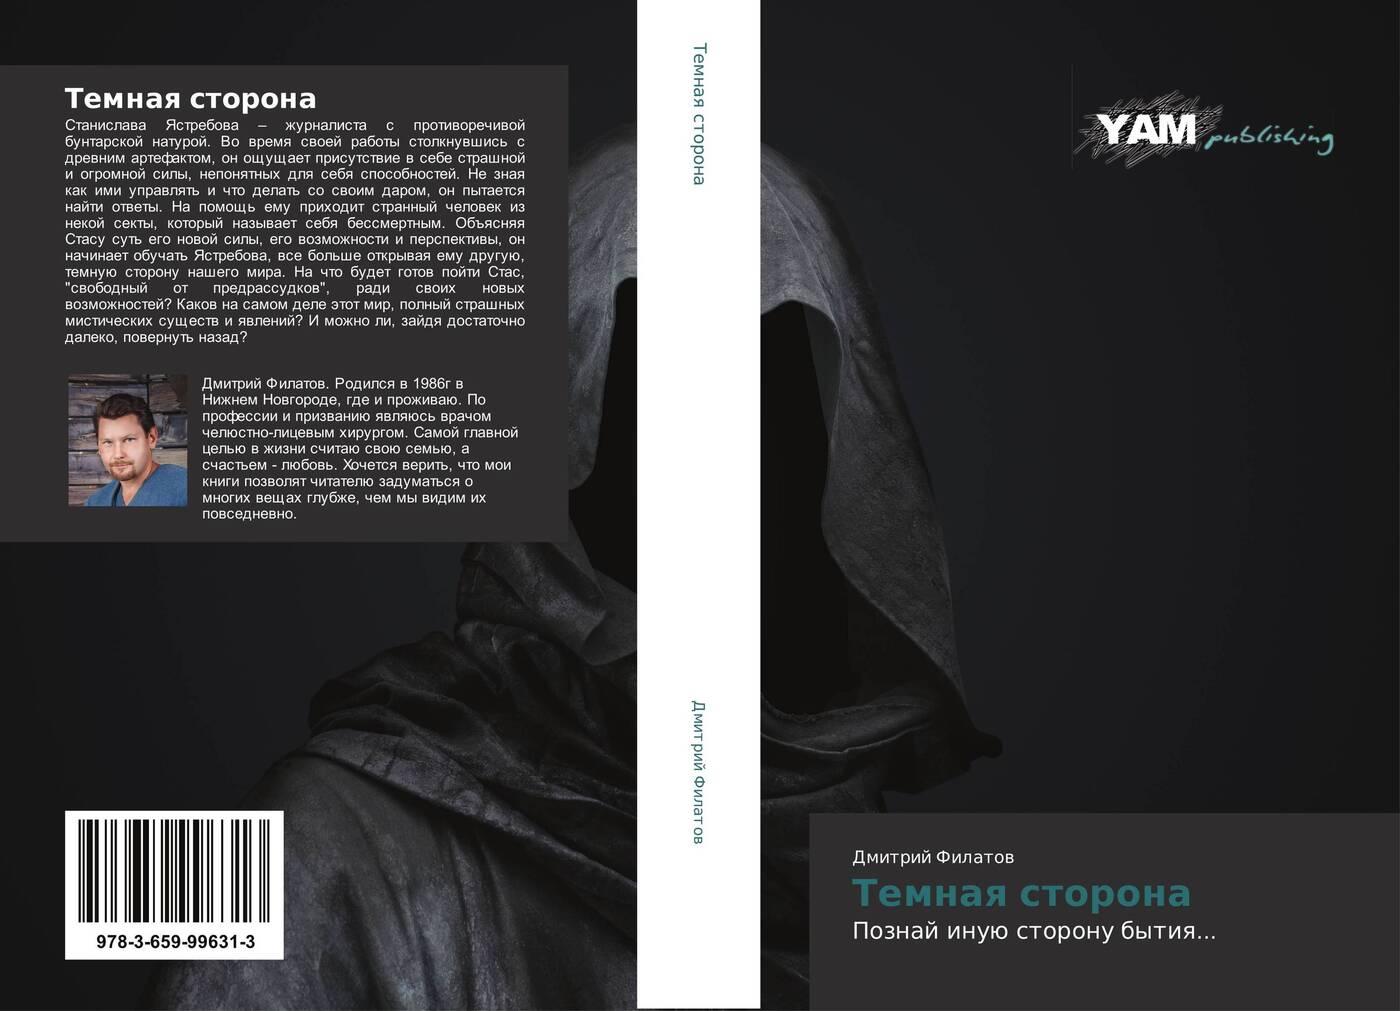 Дмитрий Филатов Темная сторона